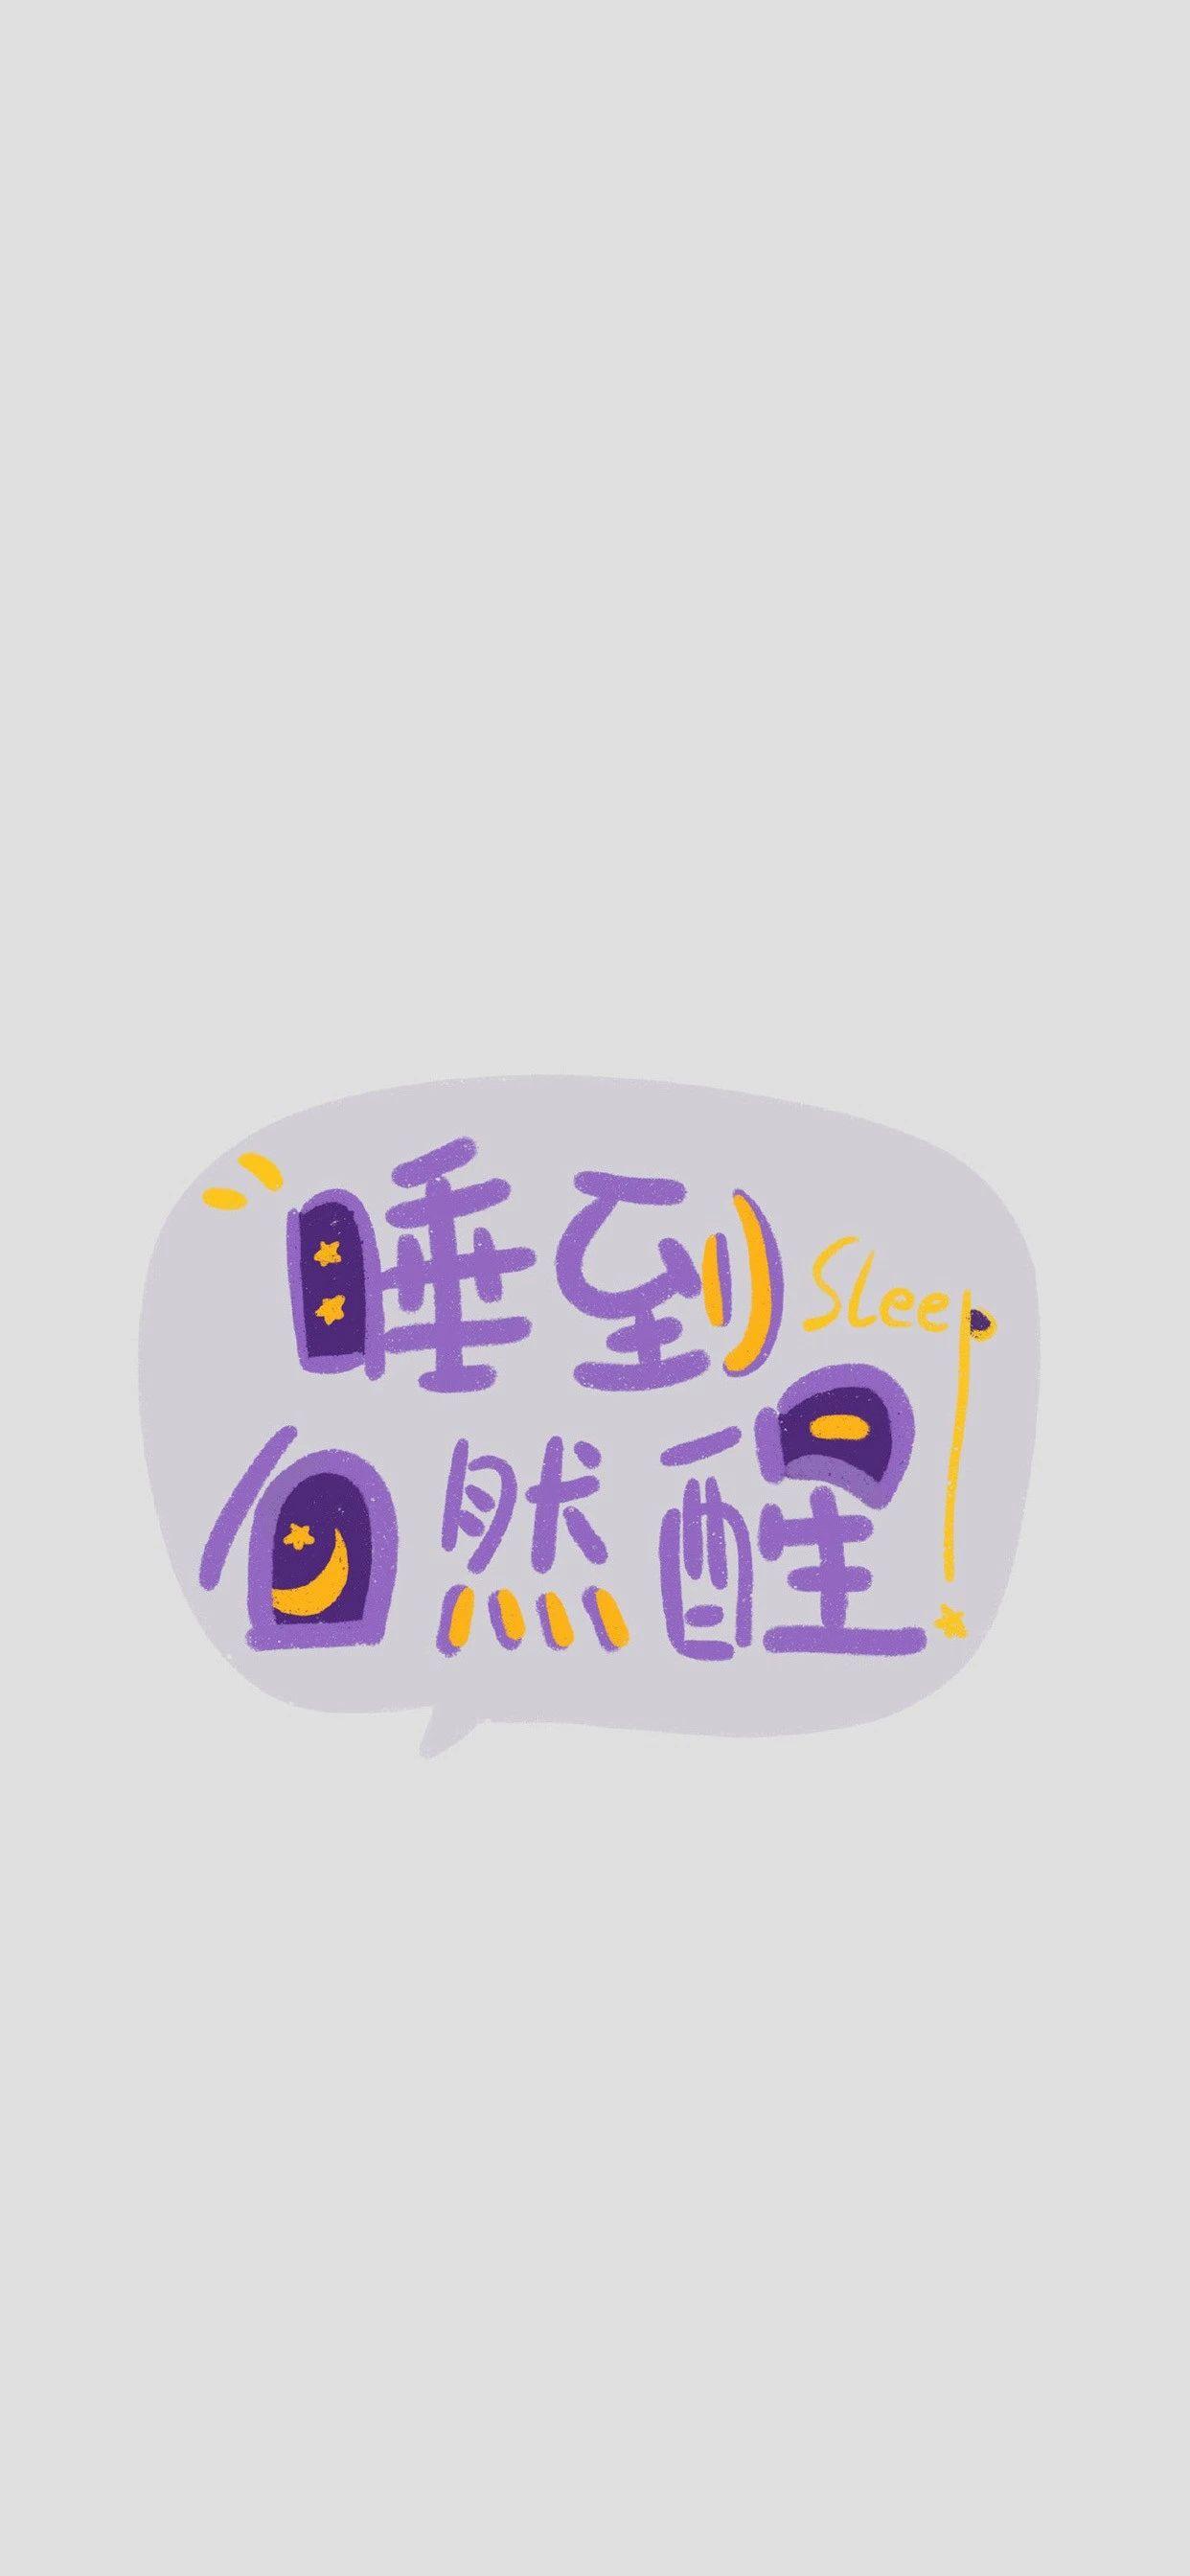 5e5d47ce16e08 - 精选壁纸:正能量 小清新 文字!